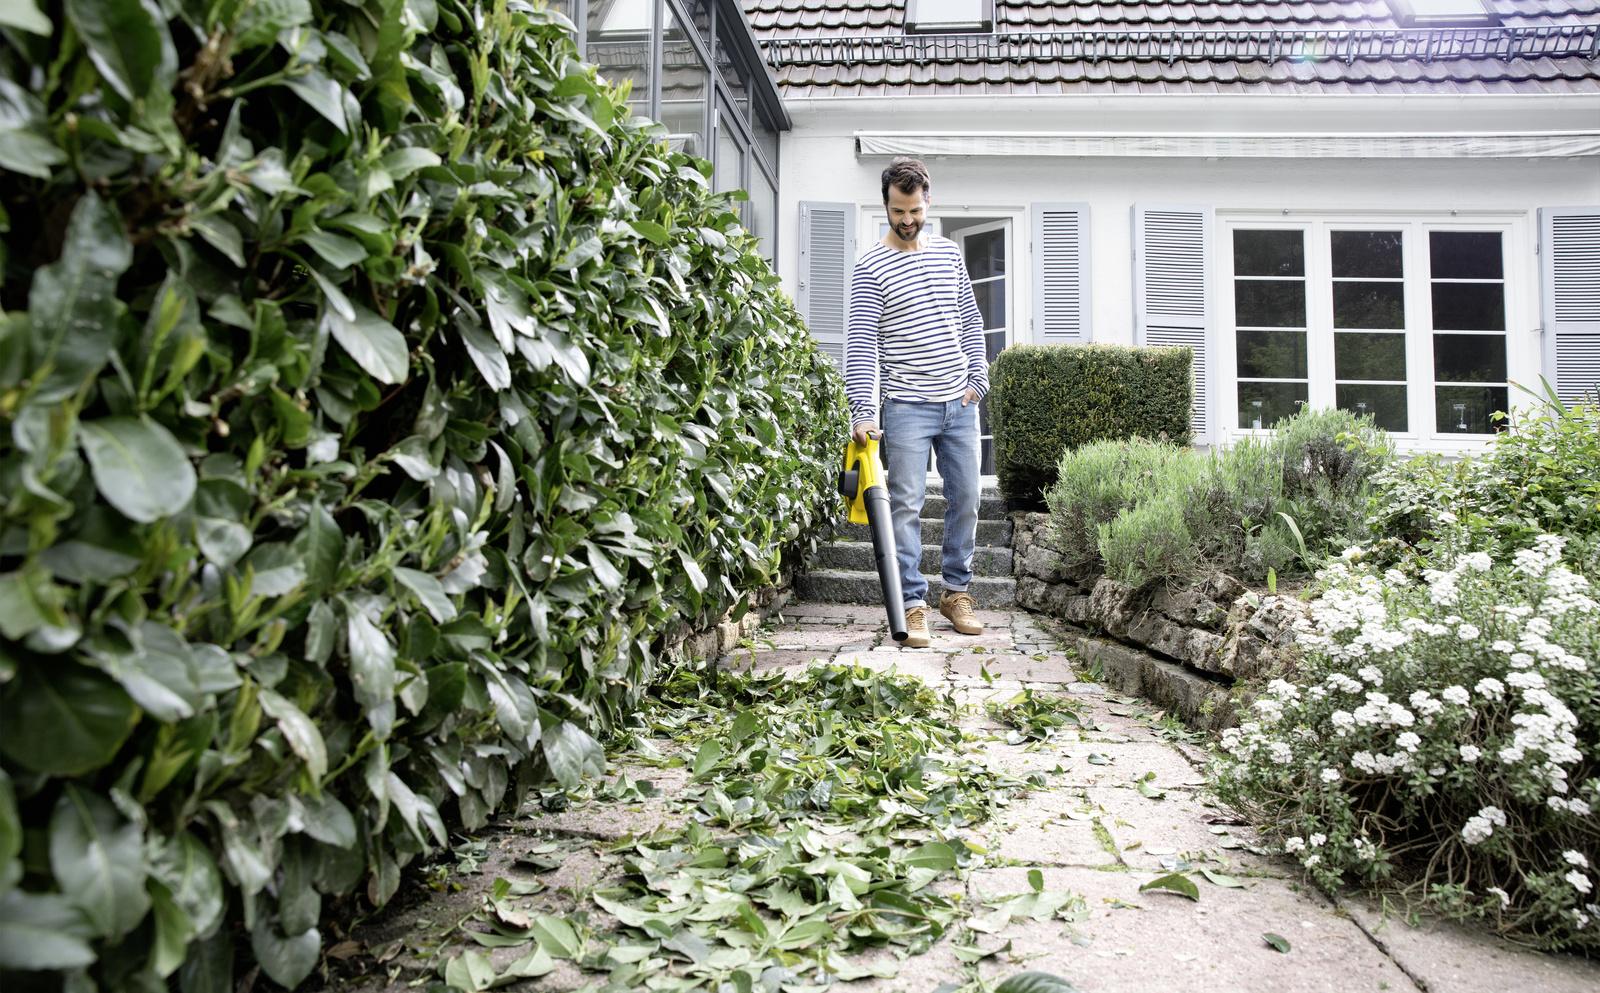 Když padá listí, vezměte úklid zahrady pevně do ruky!